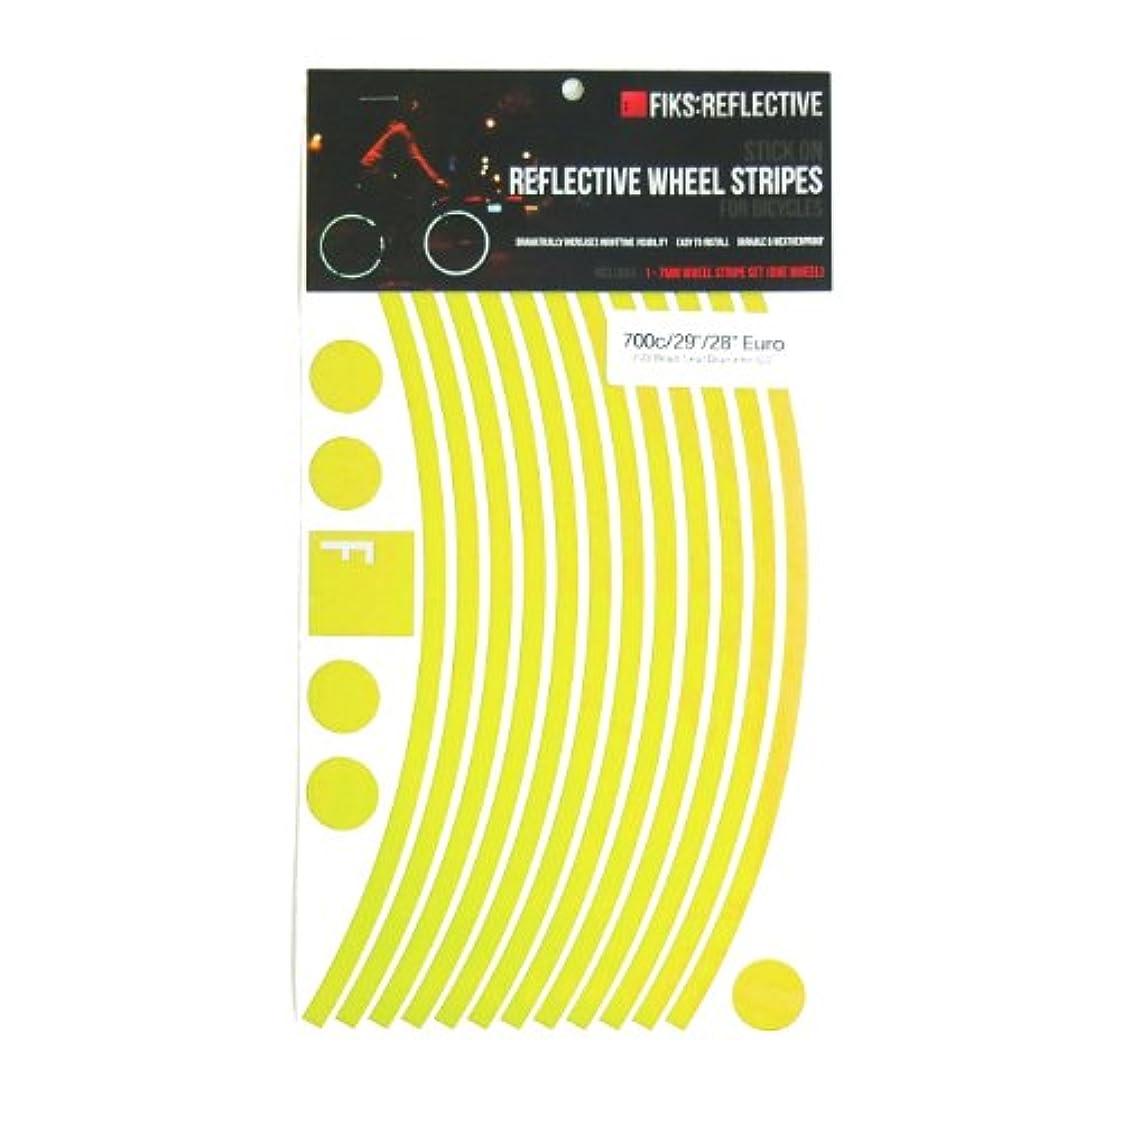 アルコーブ日記曖昧なFiks:Reflective(フィックスリフレクティブ) 自転車用 高反射テープ 700C専用 テープ幅7mm(標準)タイプ 【イエロー】